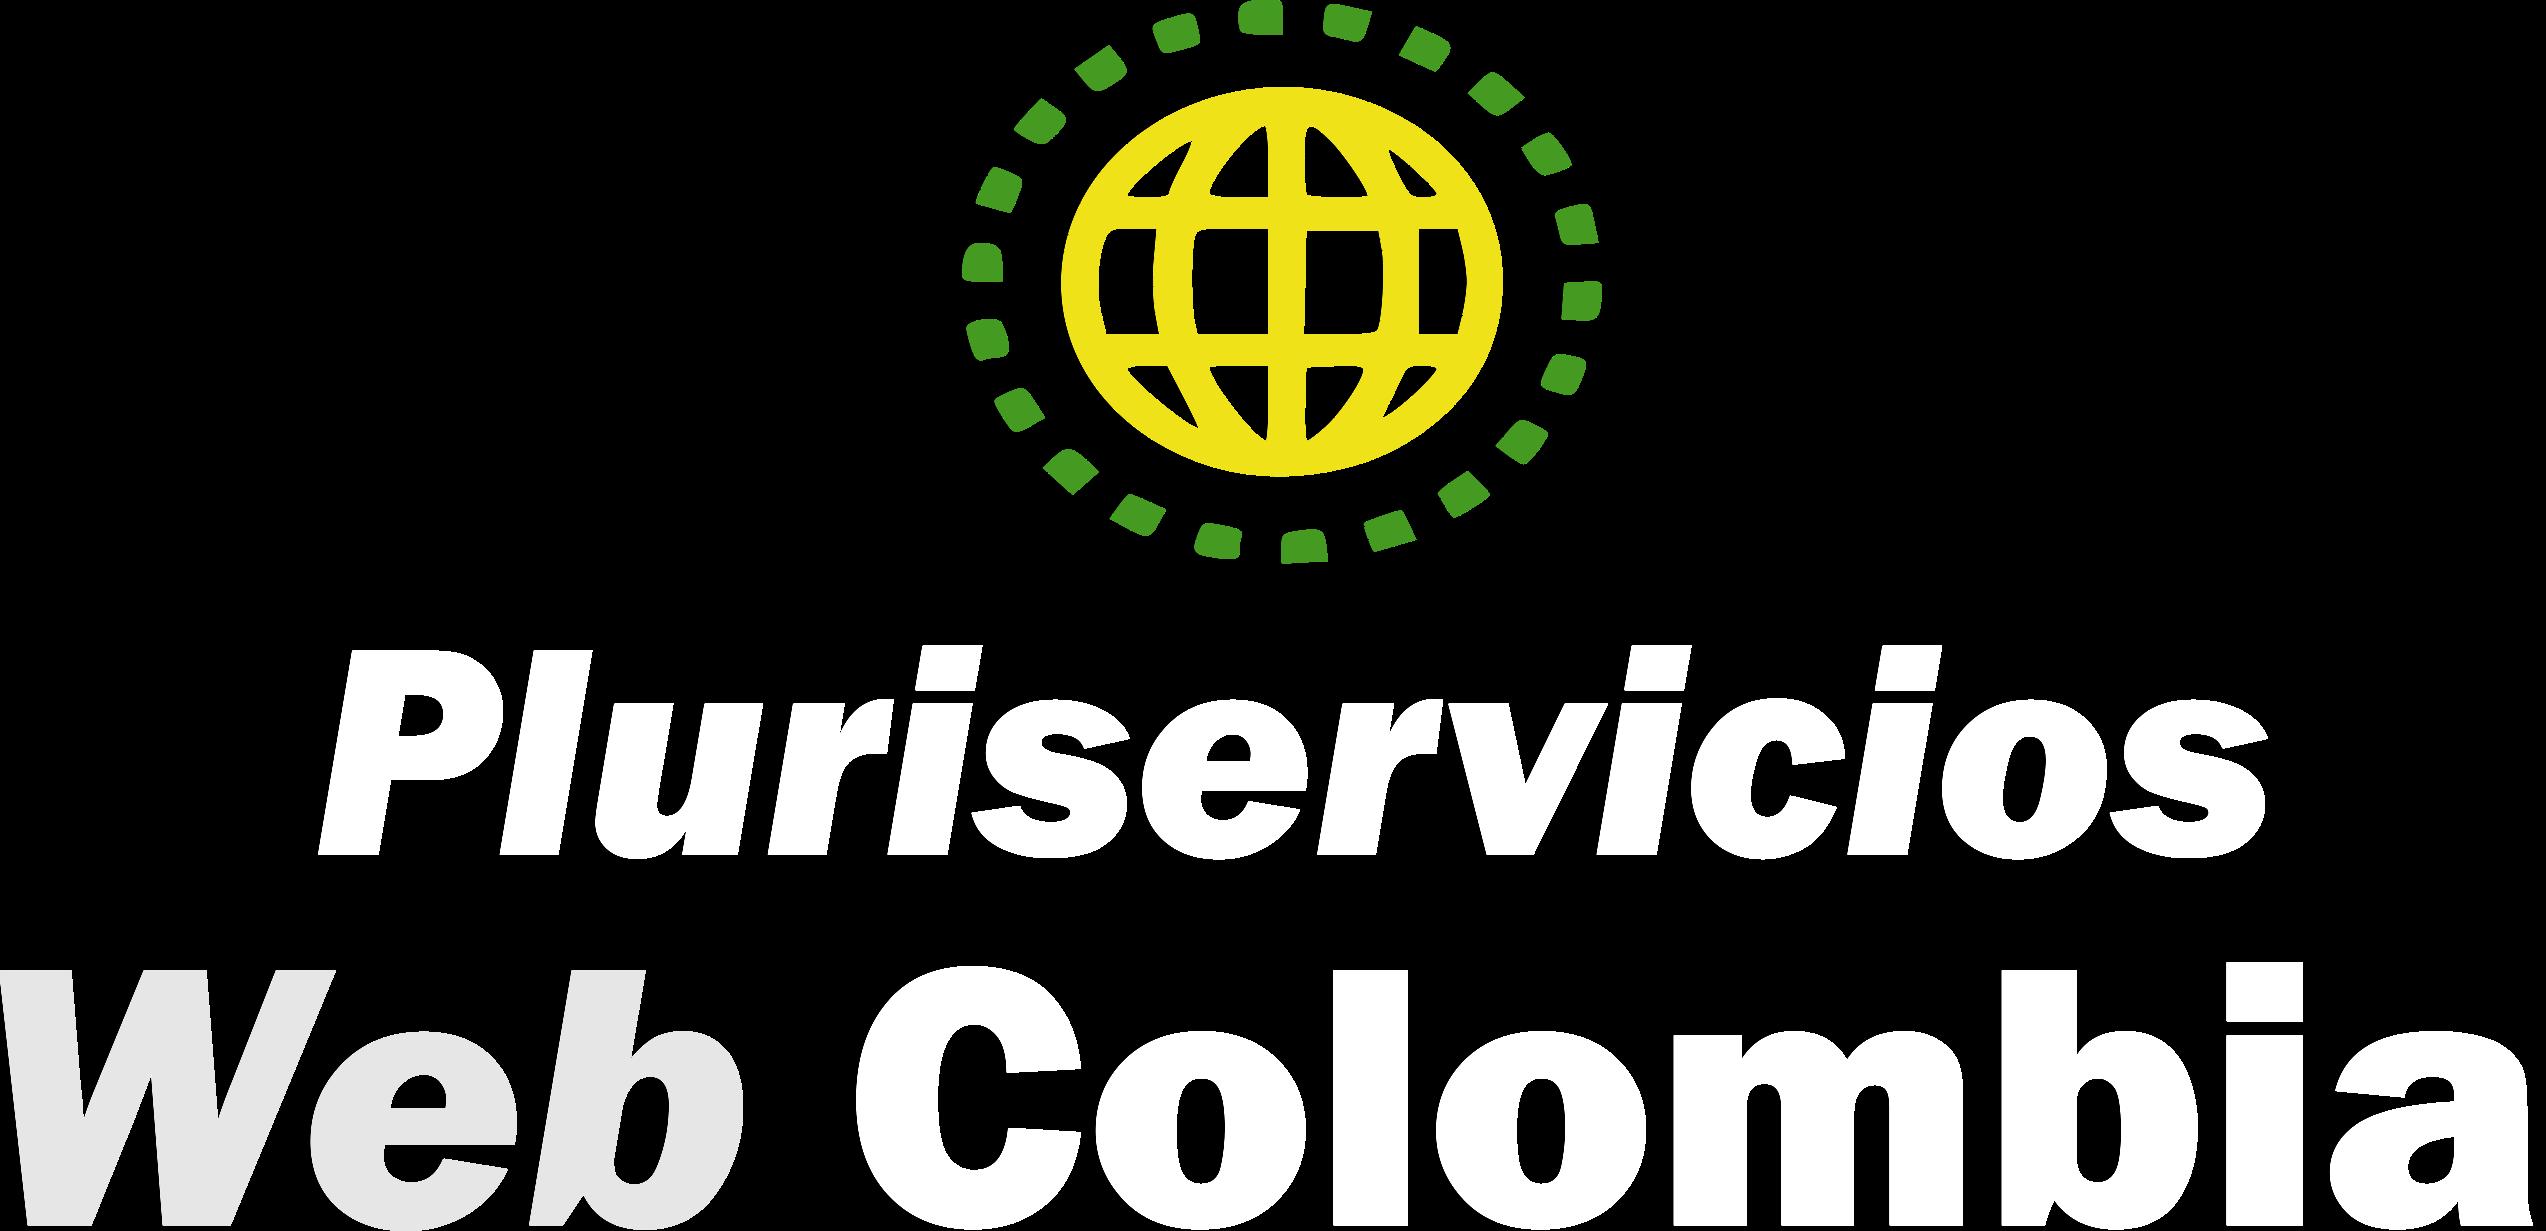 Pluriservicios web Colombia